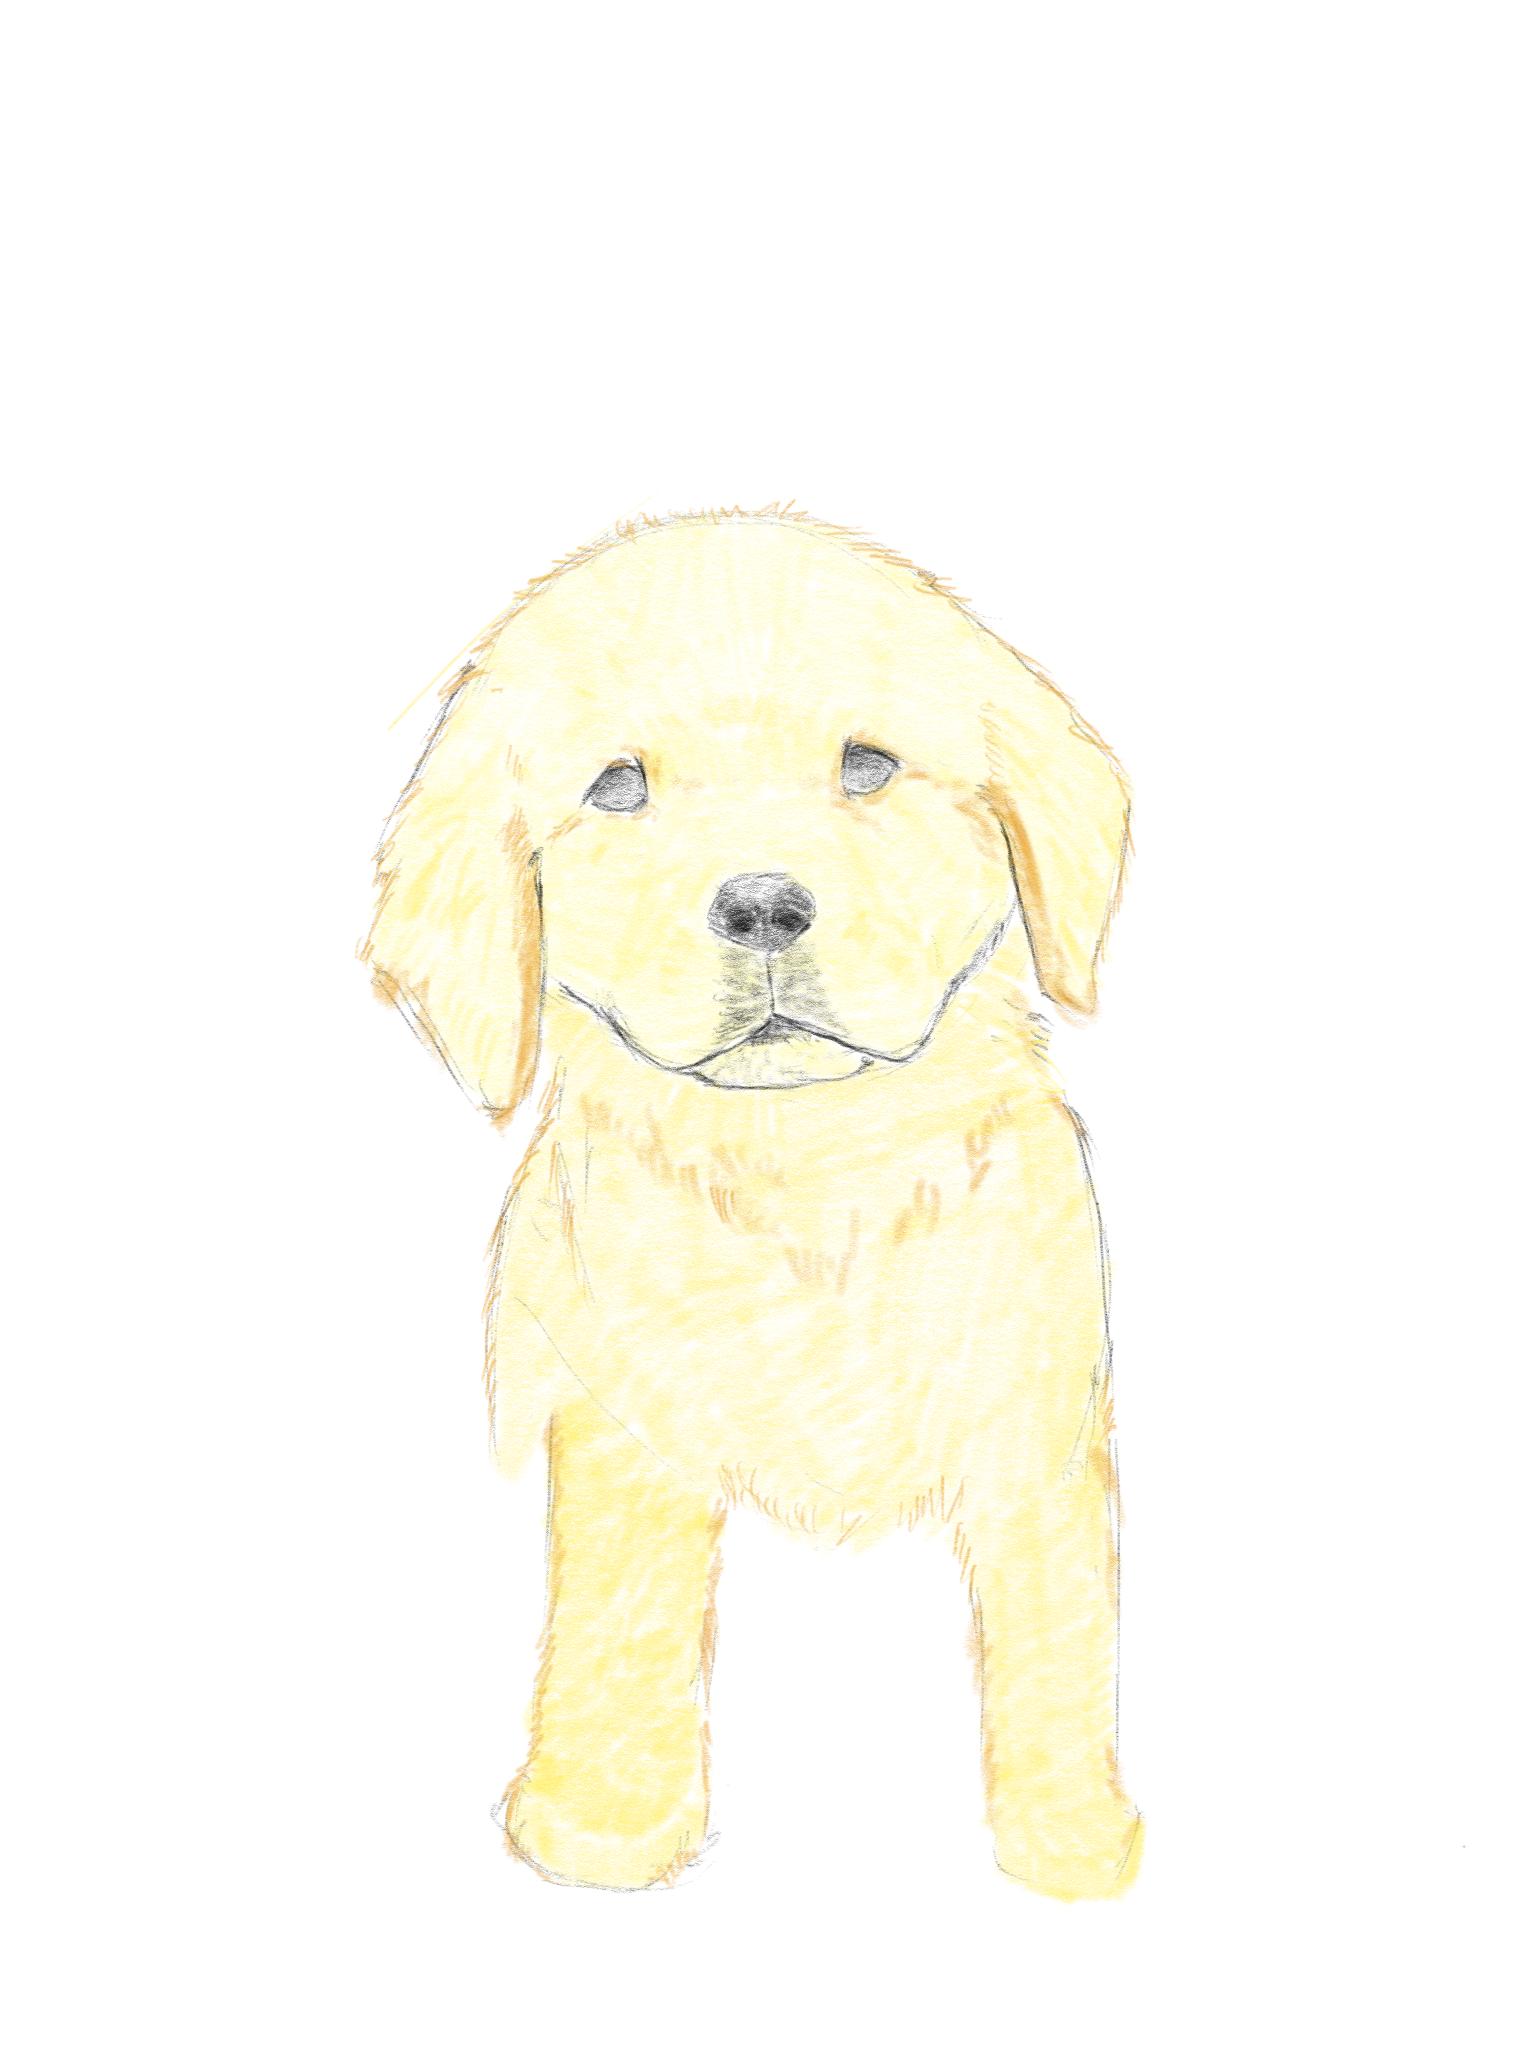 Pin By Johnson Wen On Dog Sketch Dog Sketch Teddy Bear Teddy